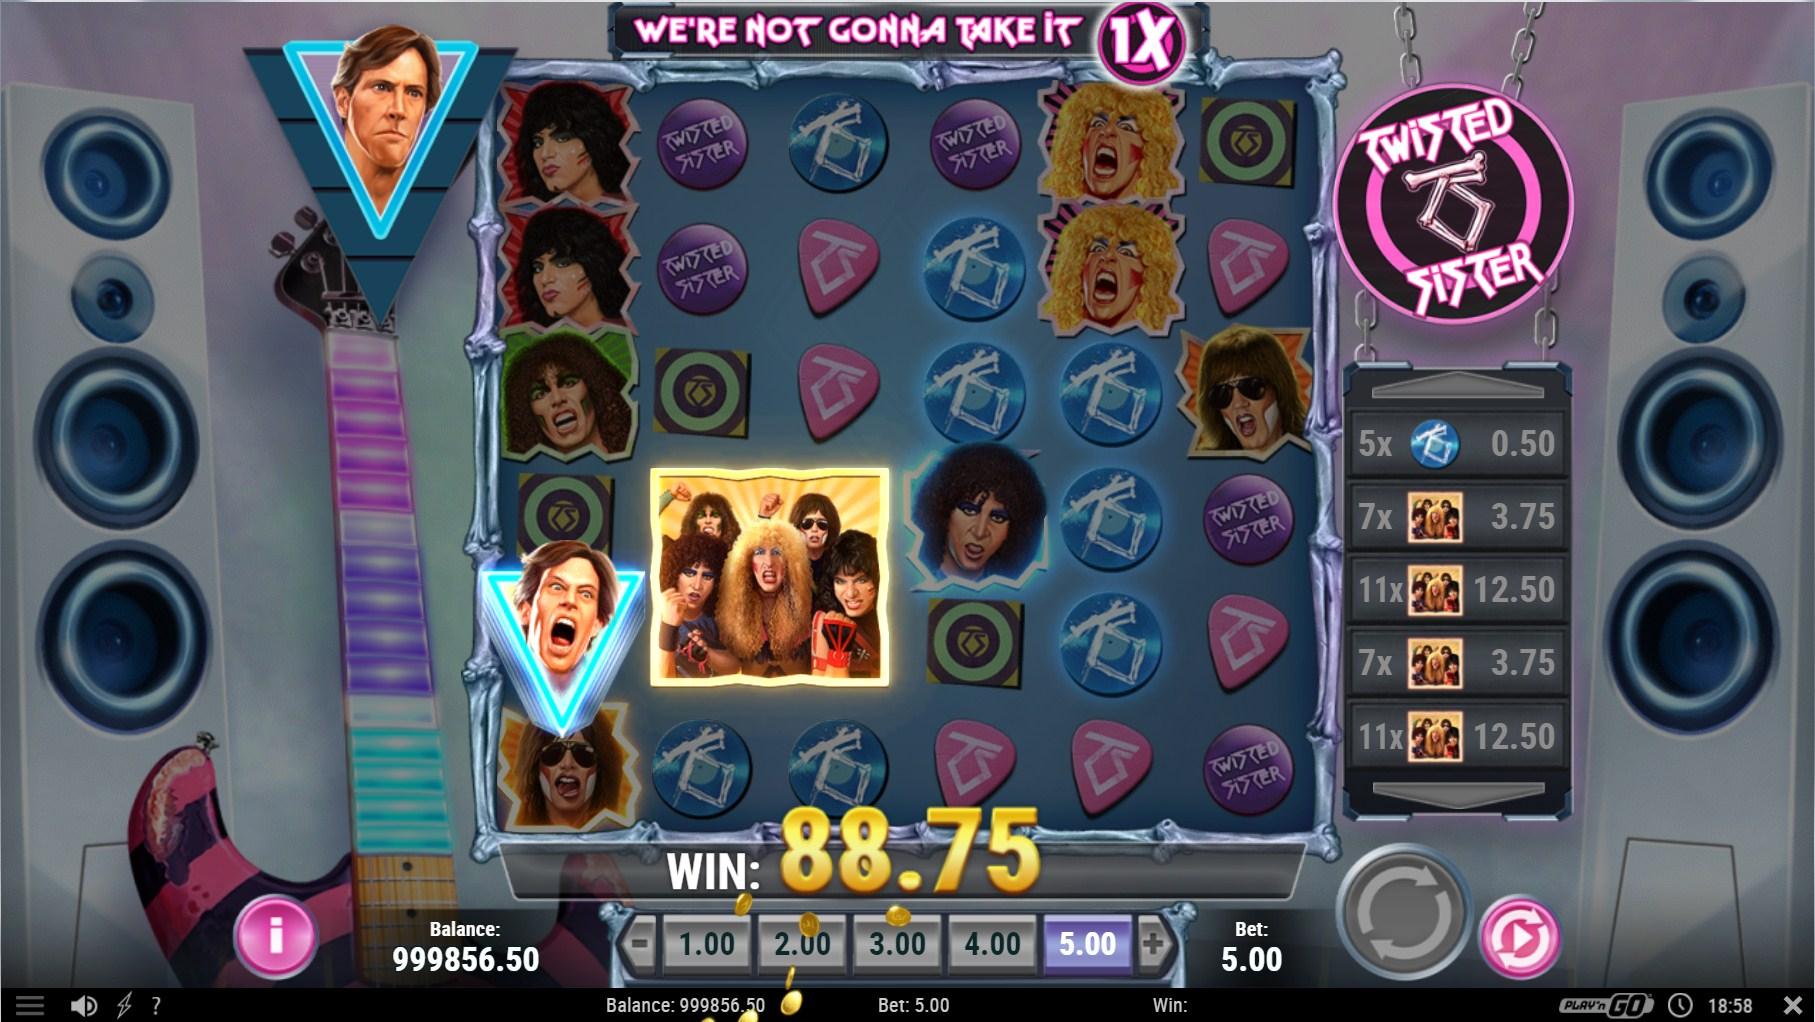 twisted-sister-slot-bonus